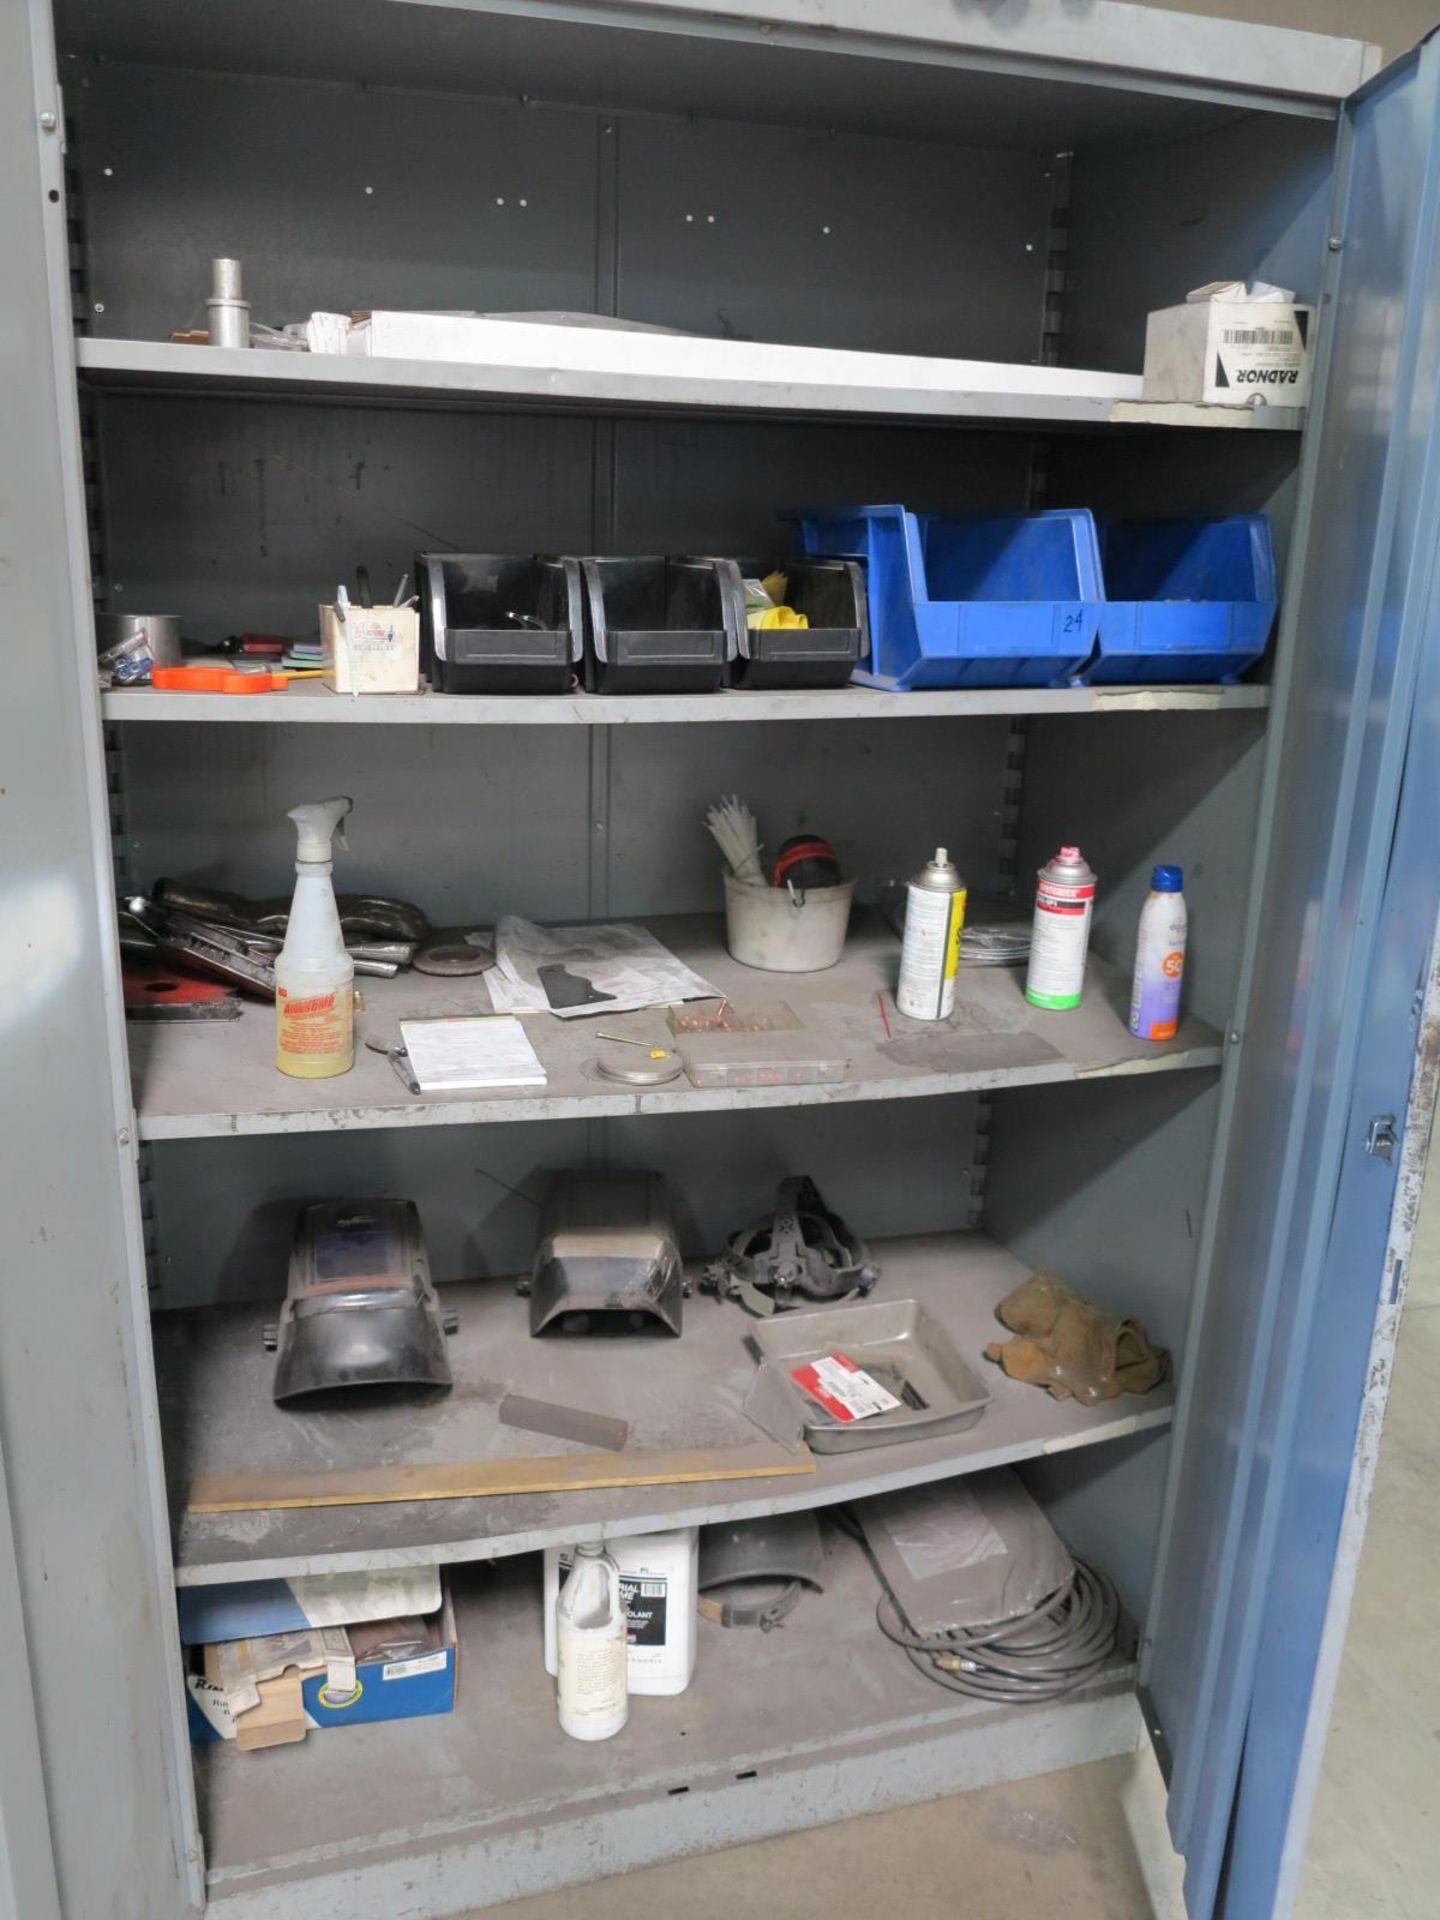 Lot 51 - 2-DOOR CABINET W/ MISC WELDING ITEMS